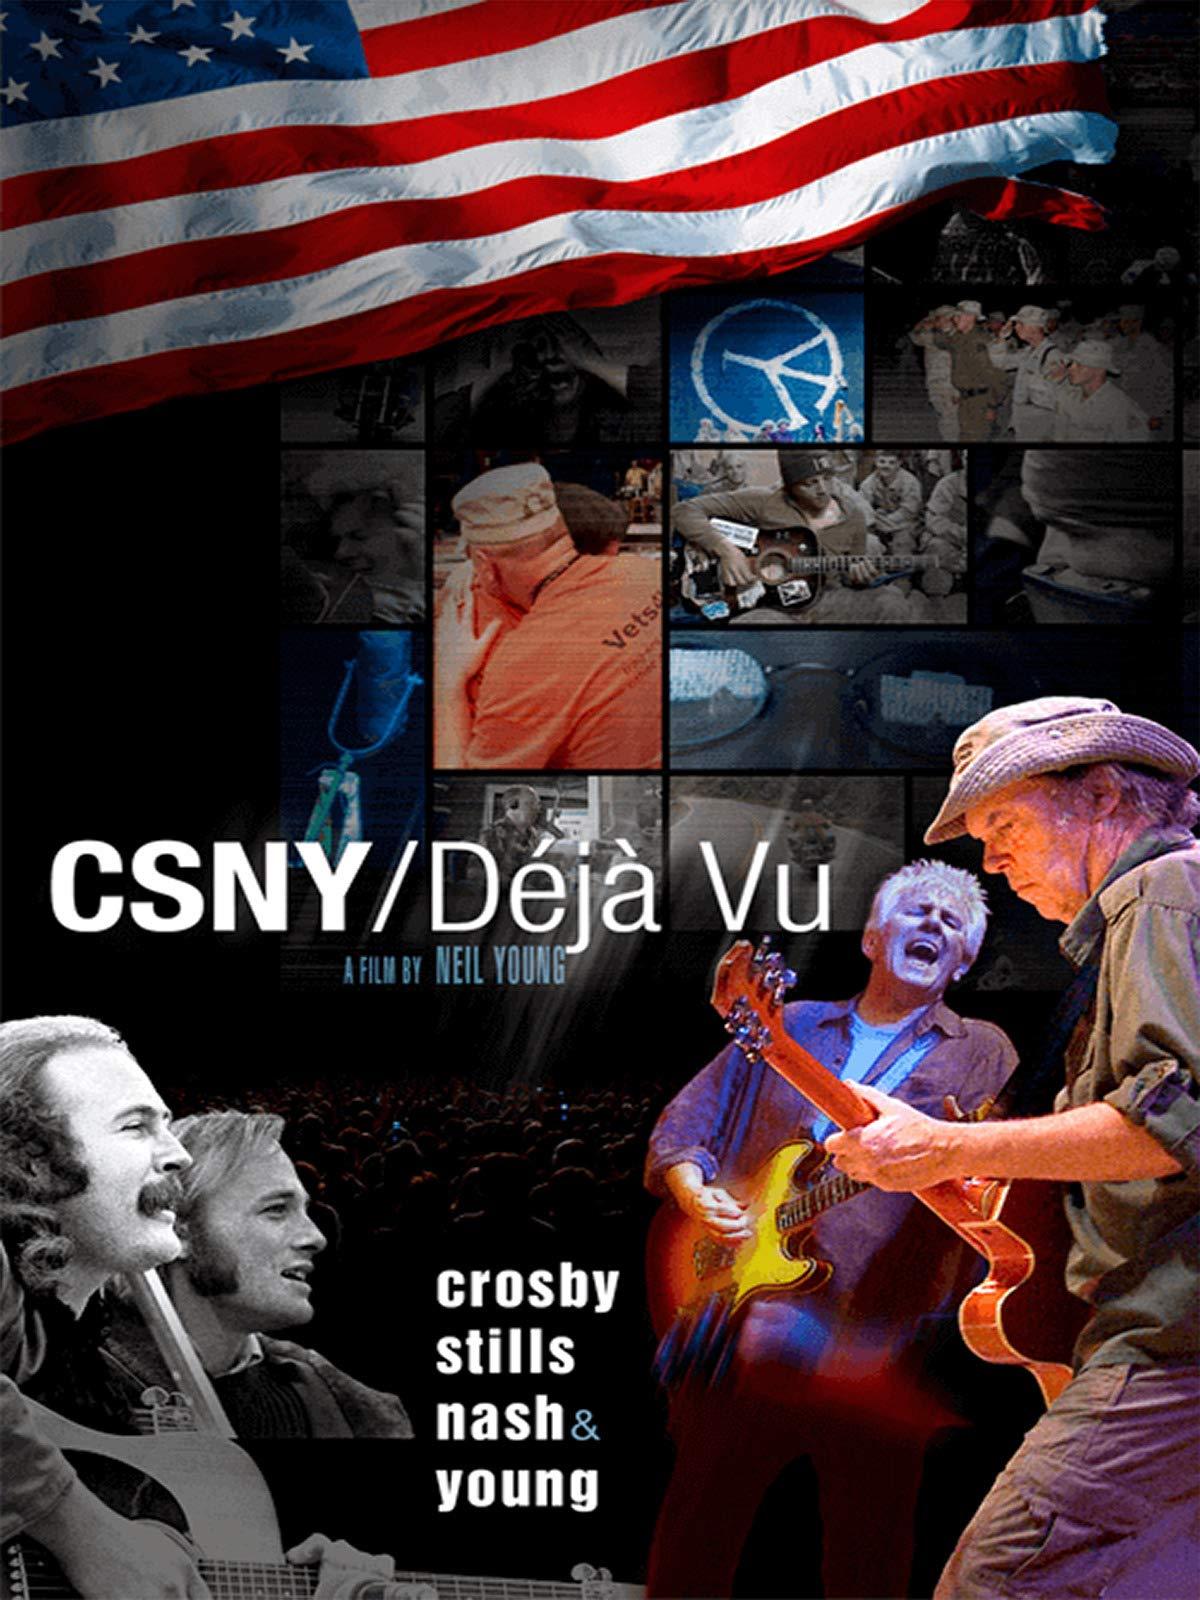 CSNY Deja Vu